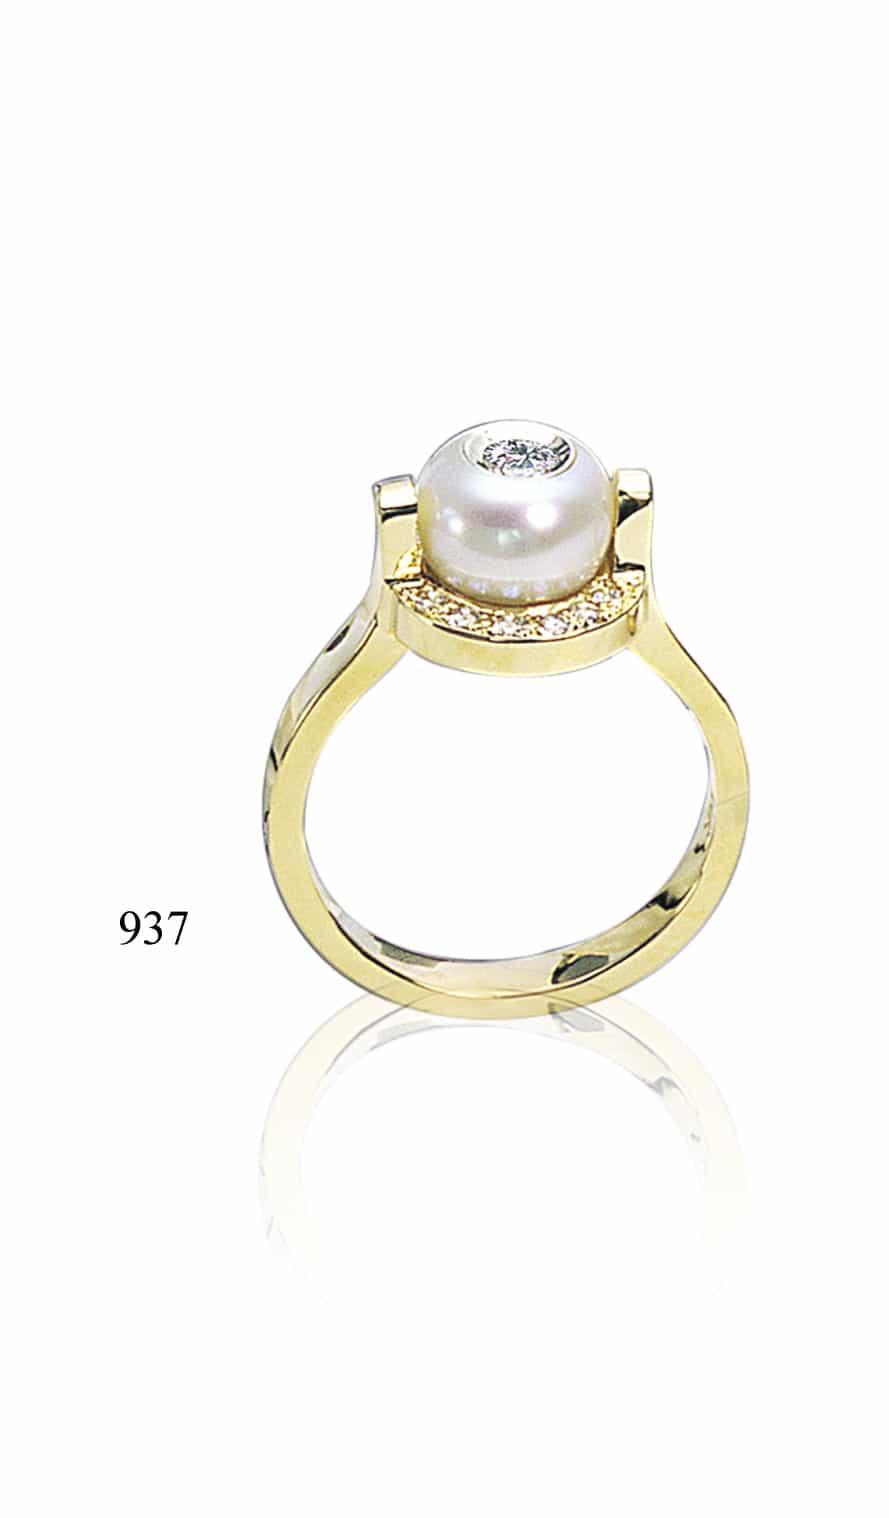 Ring 937